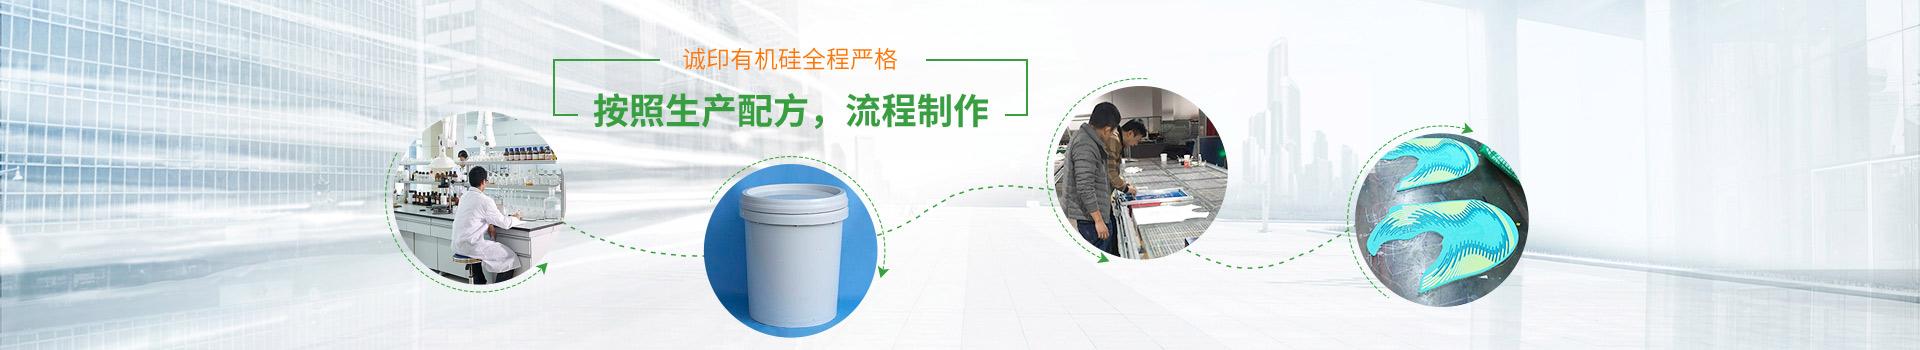 诚印有机硅全程严格按照生产配方,流程制作